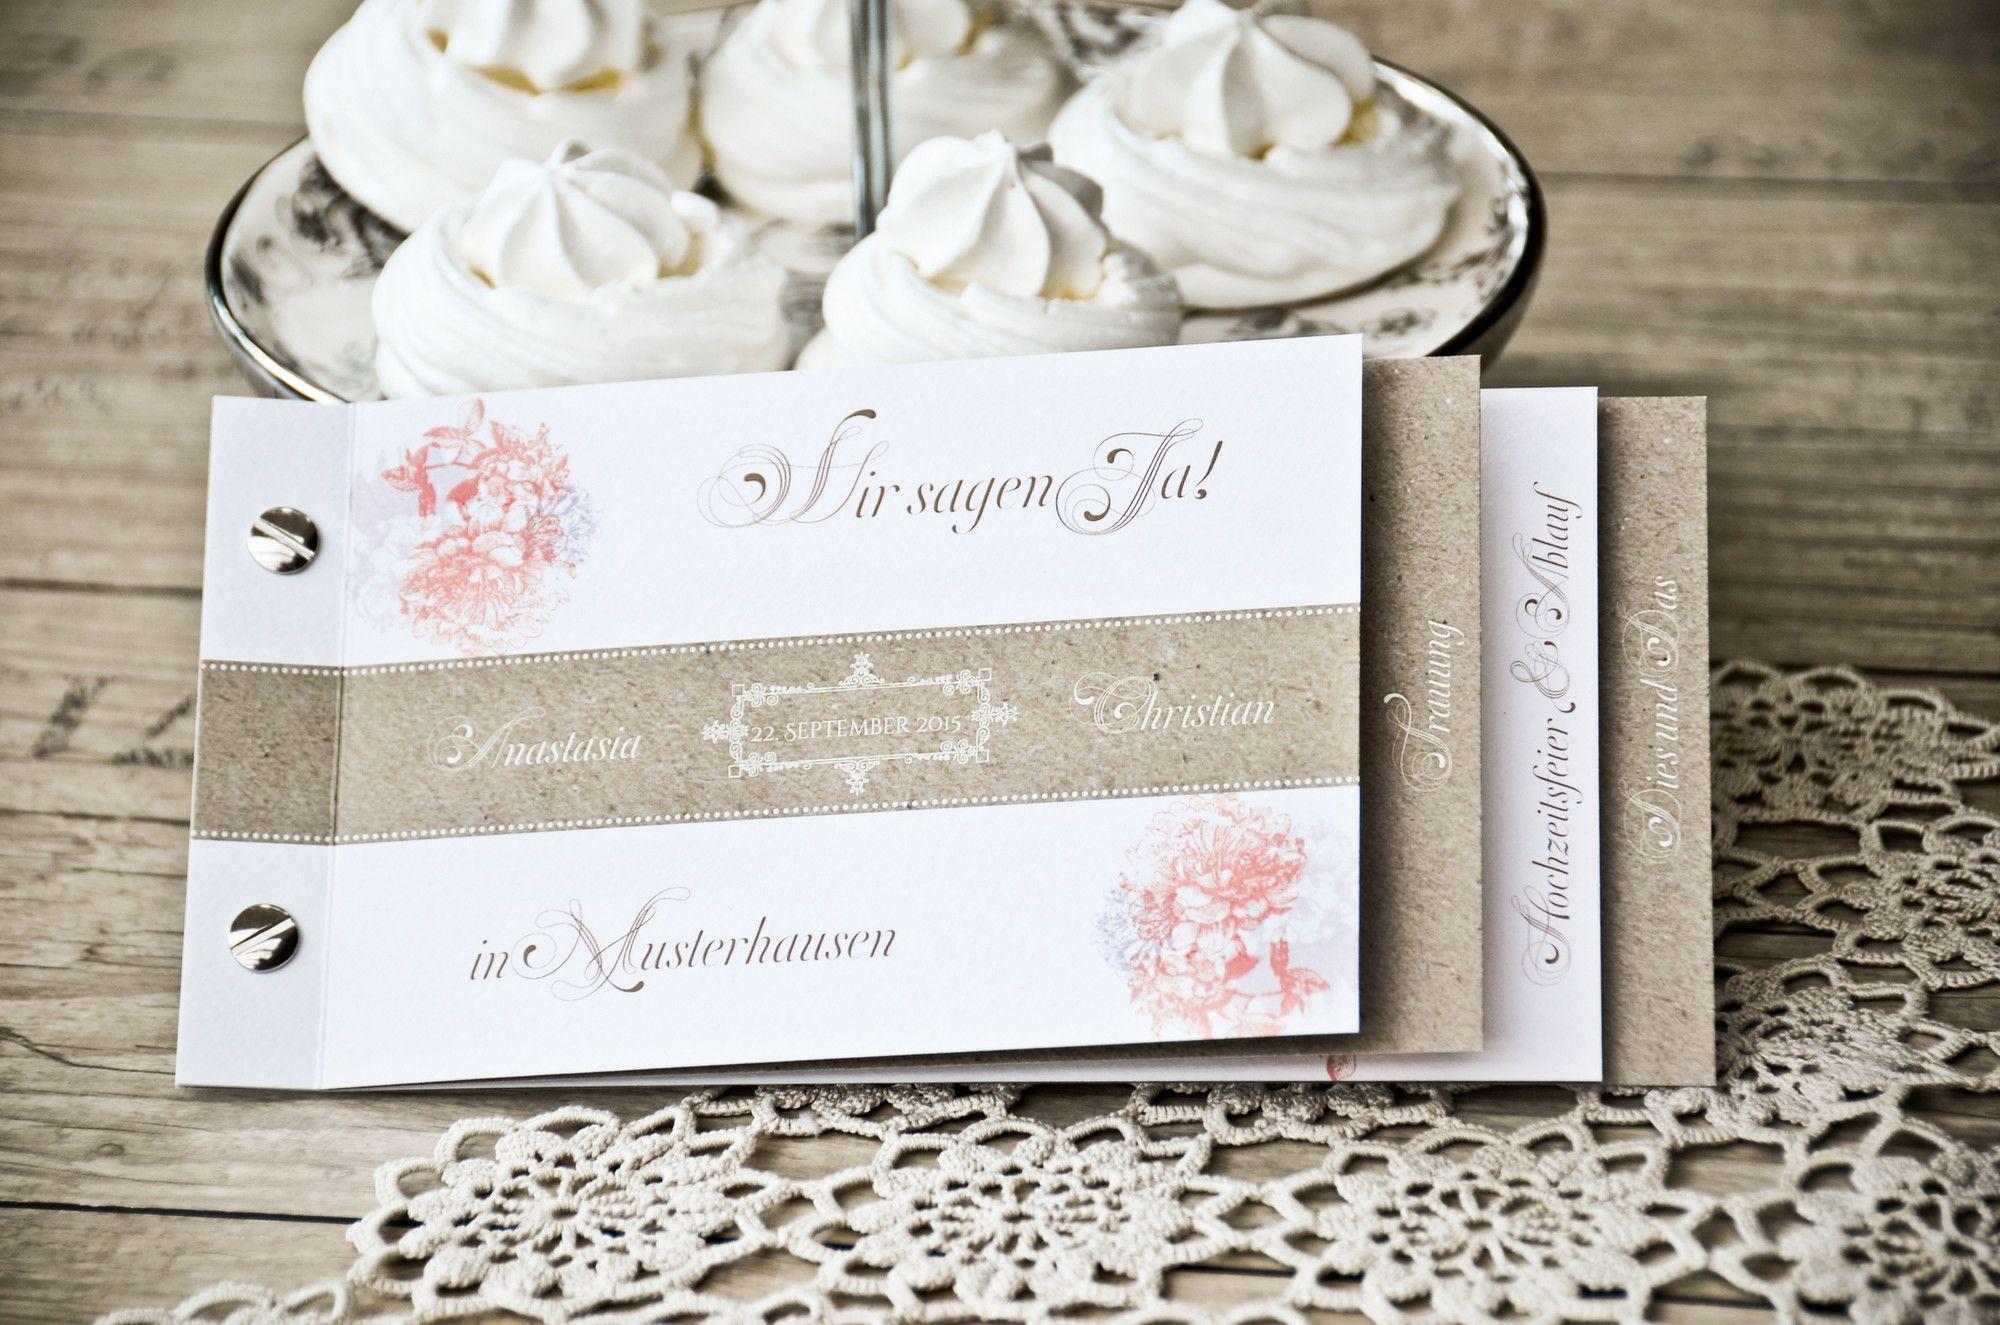 anastasia und christian hochzeitseinladungen wedding invitations einladungskarten hochzeit. Black Bedroom Furniture Sets. Home Design Ideas